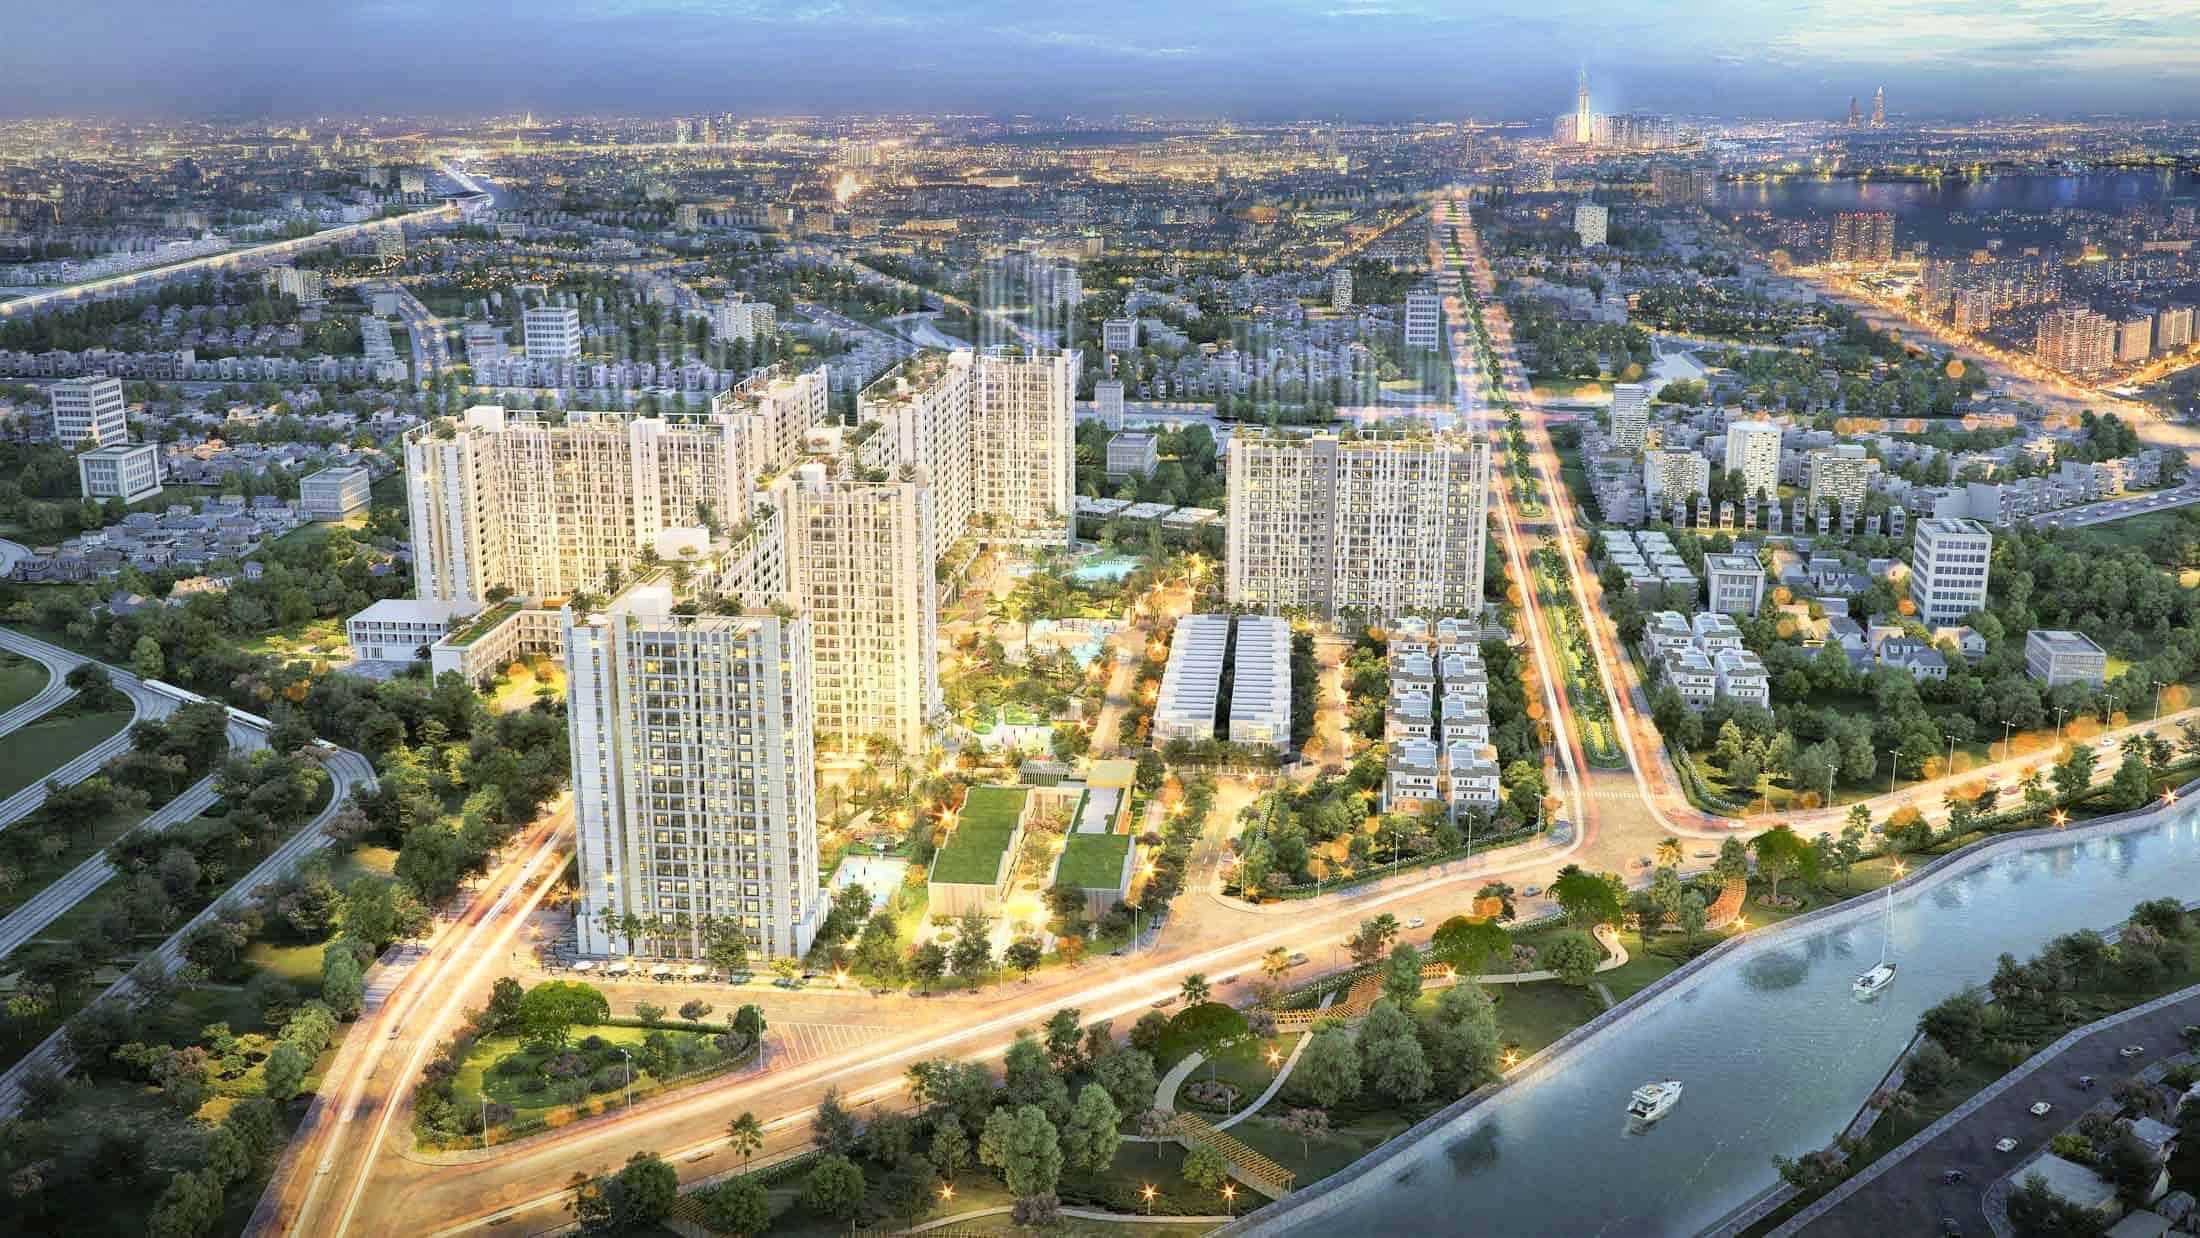 Căn hộ Astral city Thuận An tiếp tục đà tăng trưởng